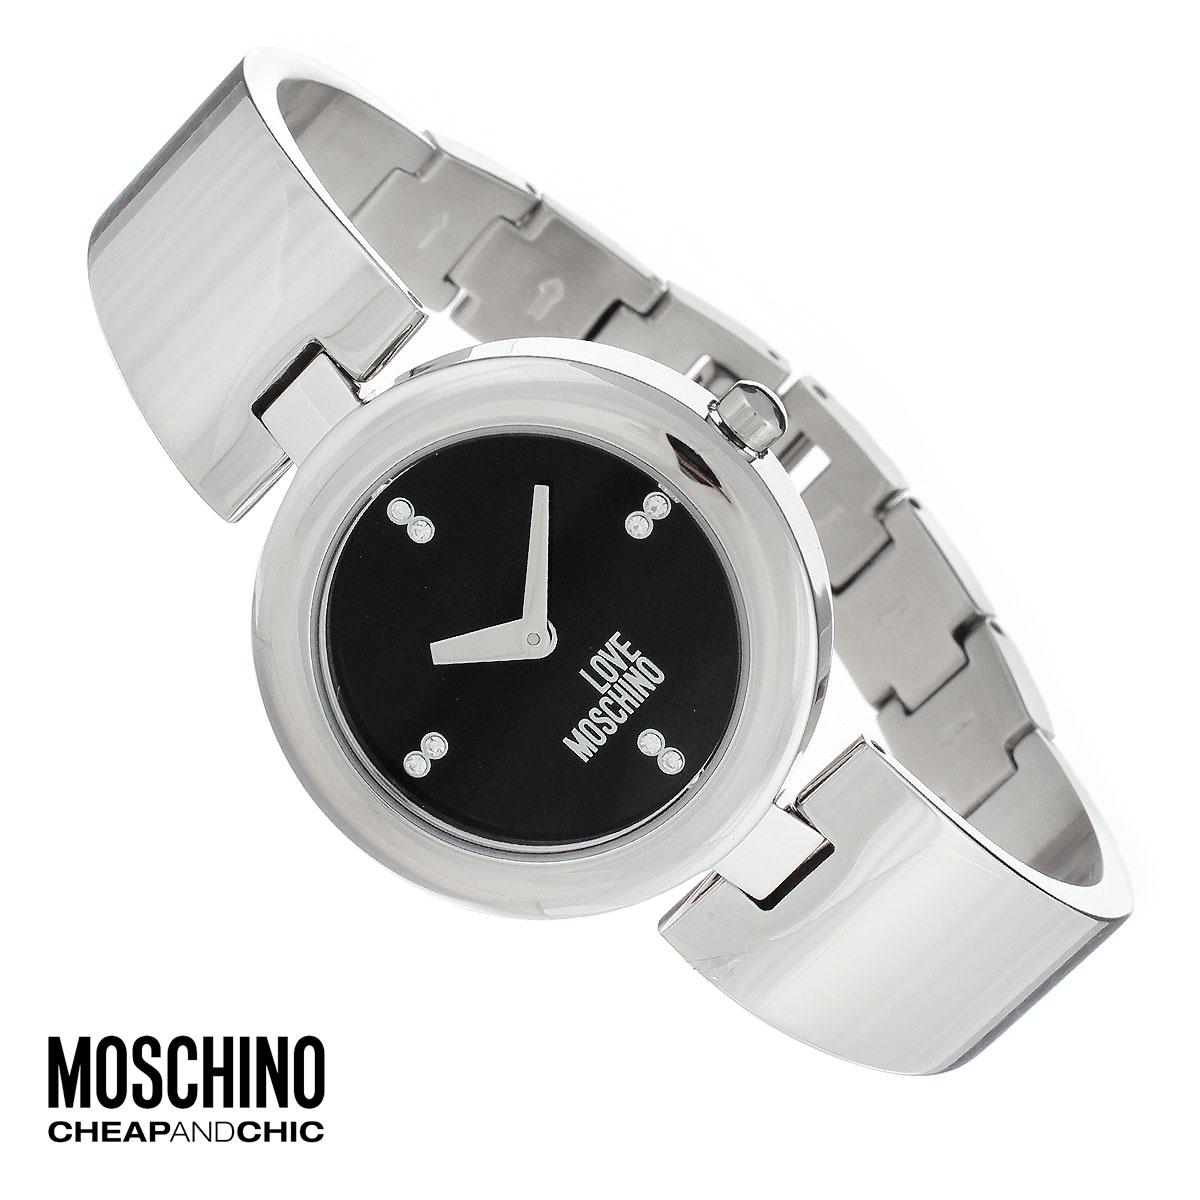 Часы женские наручные Moschino, цвет: серебристый. MW0422BM8434-58AEНаручные часы от известного итальянского бренда Moschino - это не только стильный и функциональный аксессуар, но и современные технологи, сочетающиеся с экстравагантным дизайном и индивидуальностью. Часы Moschino оснащены кварцевым механизмом. Корпус выполнен из высококачественной нержавеющей стали. Циферблат оформлен отметками из страз, надписью Love Moschino защищен минеральным стеклом. Часы имеют две стрелки - часовую и минутную. Браслет часов выполнен из нержавеющей стали и оснащен ювелирной застежкой.Часы упакованы в фирменную металлическую коробку с логотипом бренда. Часы Moschino благодаря своему уникальному дизайну отличаются от часов других марок своеобразными циферблатами, функциональностью, а также набором уникальных технических свойств.Каждой модели присуща легкая экстравагантность, самобытность и, безусловно, великолепный вкус. Характеристики: Диаметр циферблата: 2,5 см.Размер корпуса: 3,3 см х 4 см х 0,7 см.Длина браслета (с корпусом): 19 см.Ширина браслета: 1,5 см.